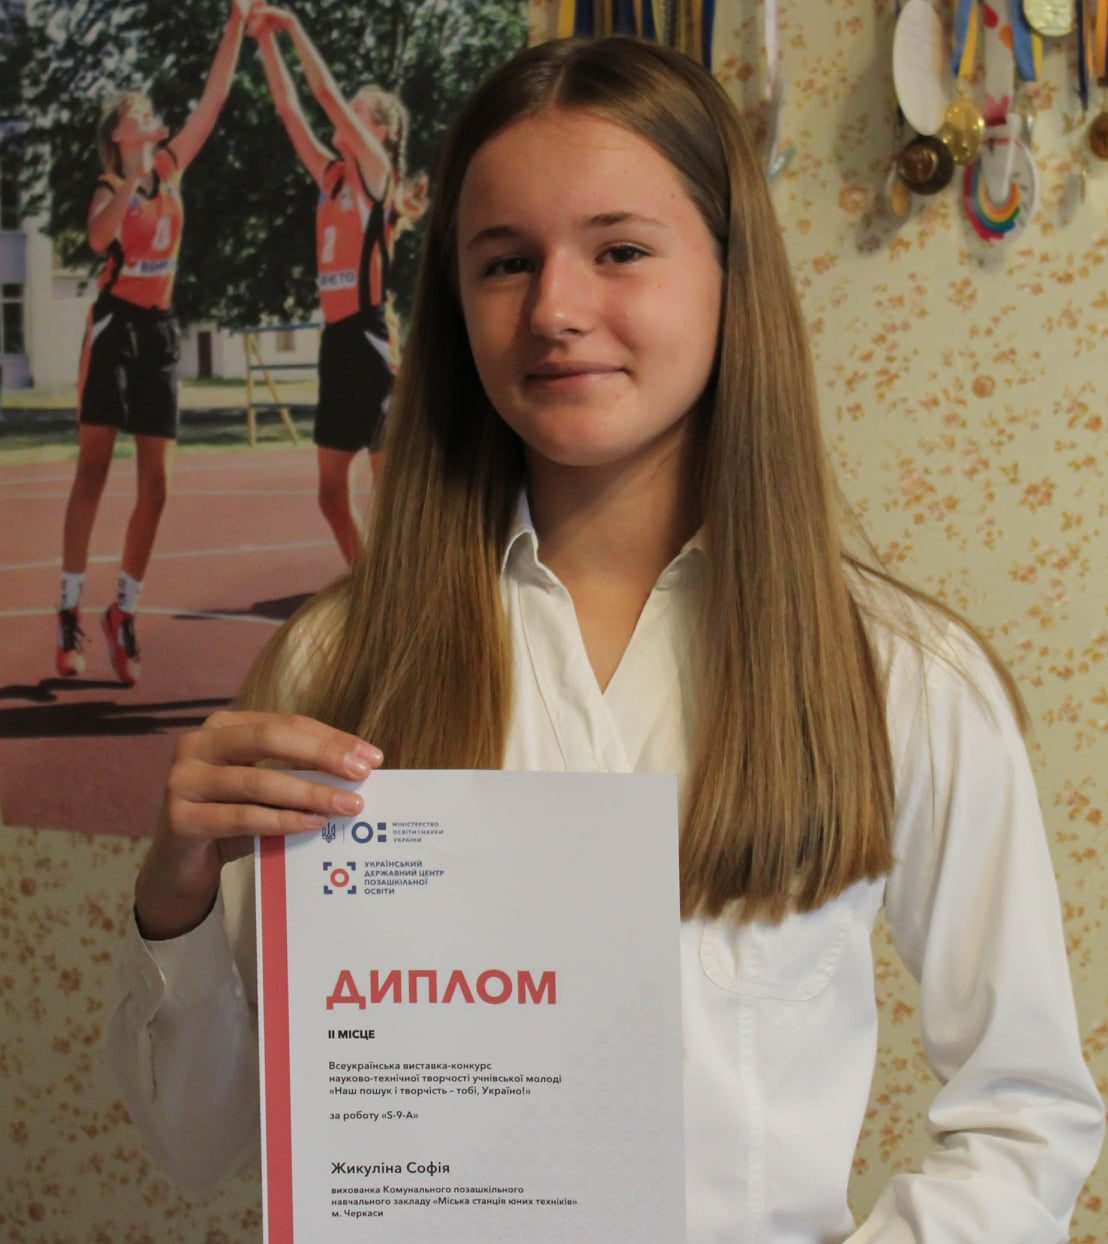 Черкащанка стала однією з кращих ракетомоделісток в Україні